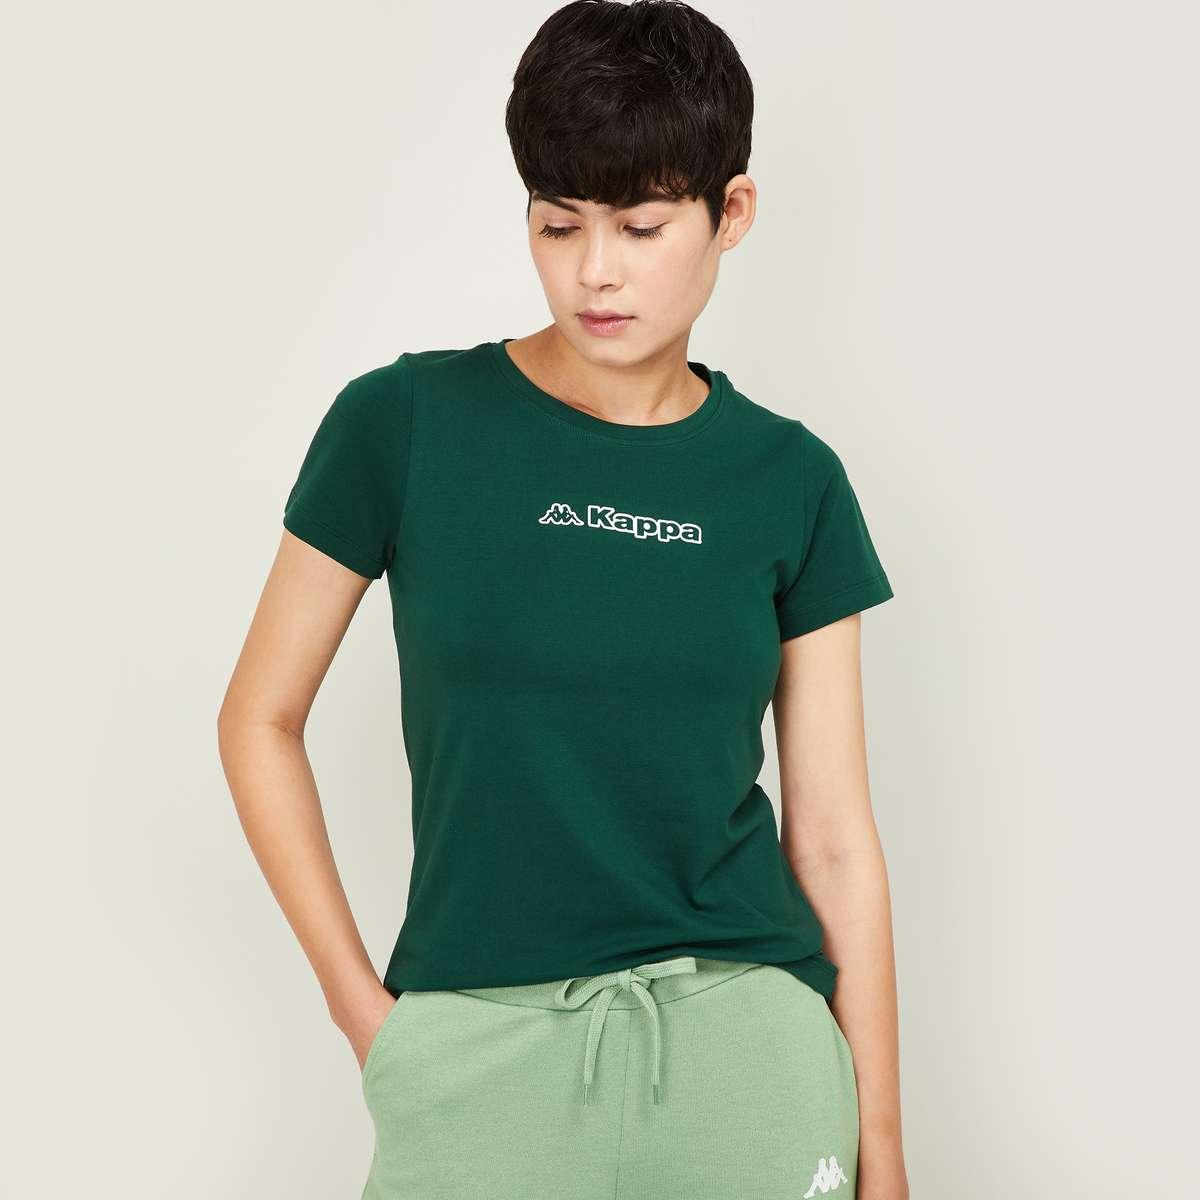 7.KAPPA Women Printed Round Neck T-shirt